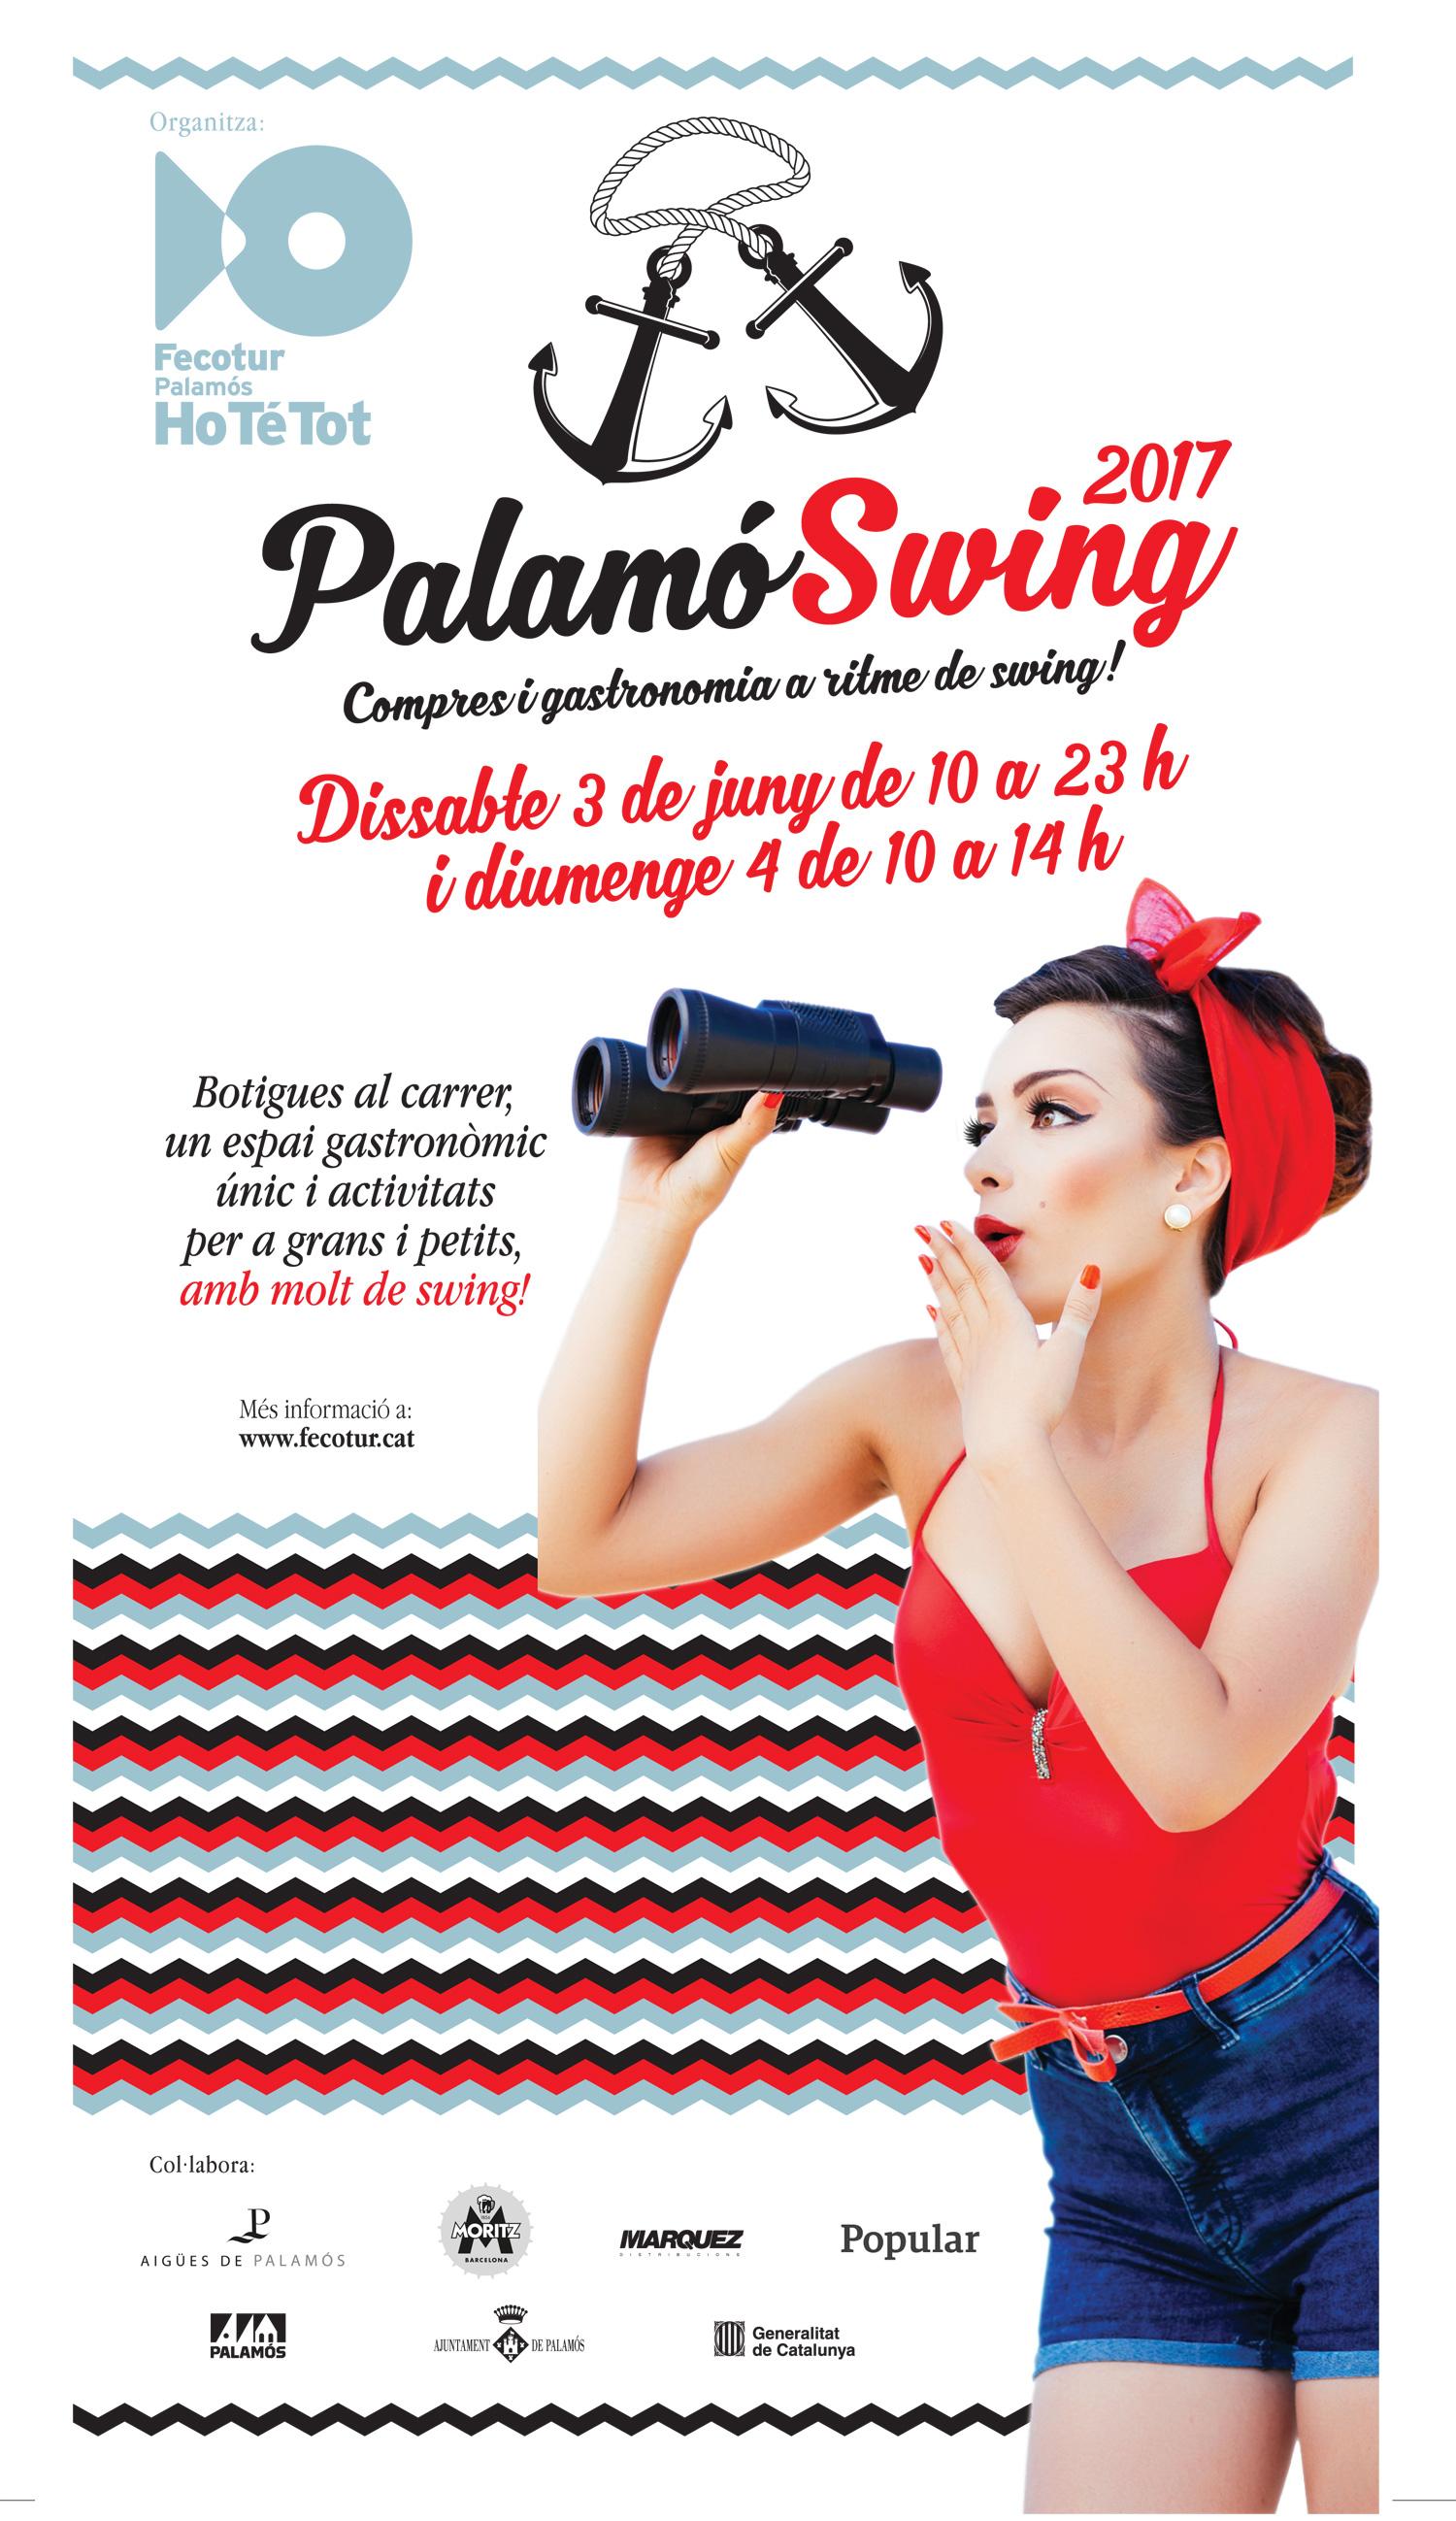 palamoswing2017